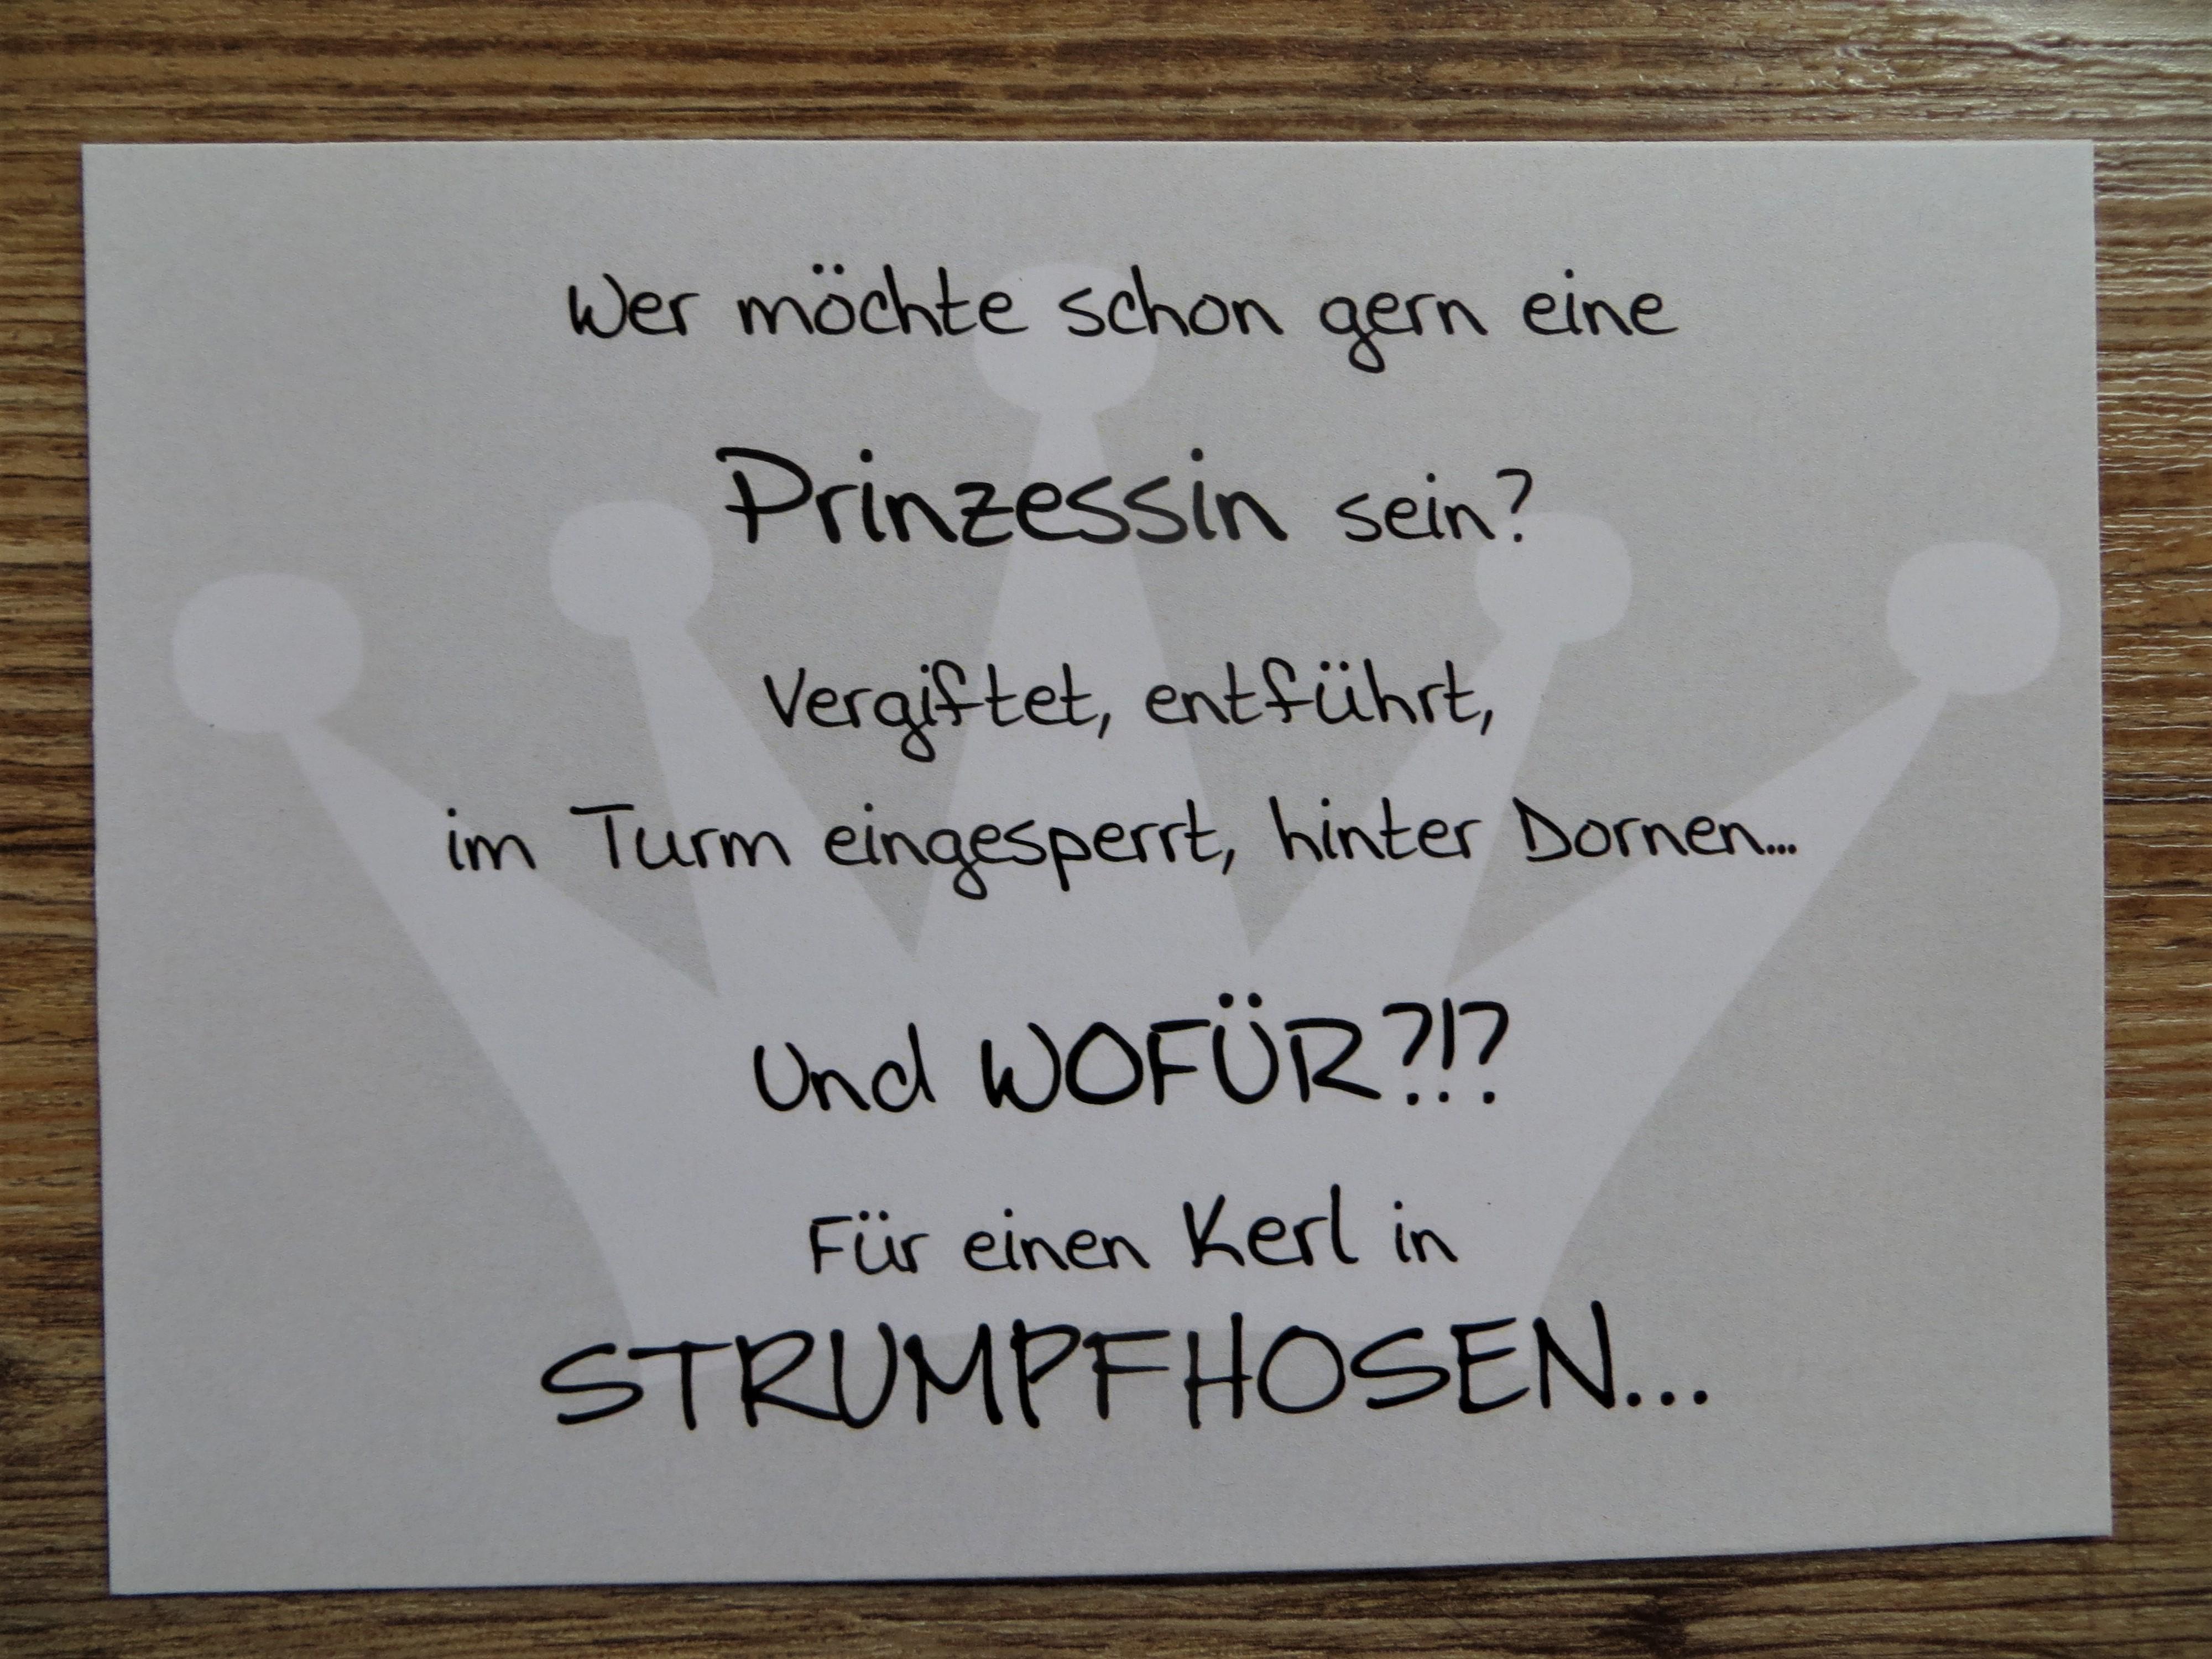 Nützlichgrusskarten - Karte Postkarte Wer möchte schon gern eine Prinzessin sein - Onlineshop Tante Emmer